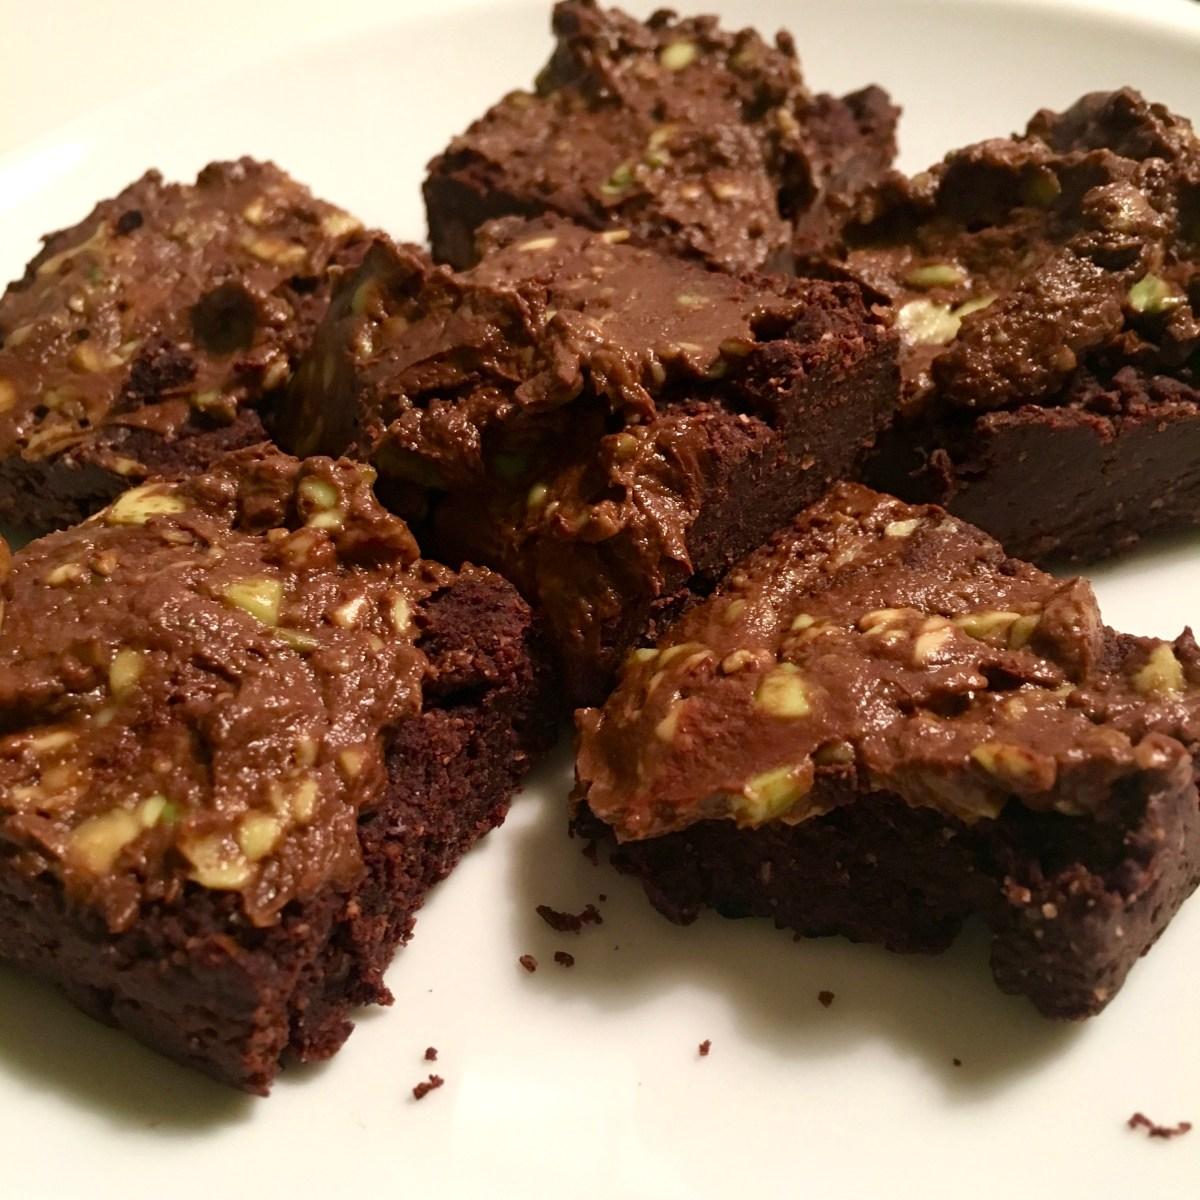 peanut butter brownie nut butter gluten-free, sugar-free, vegan, dairy-free